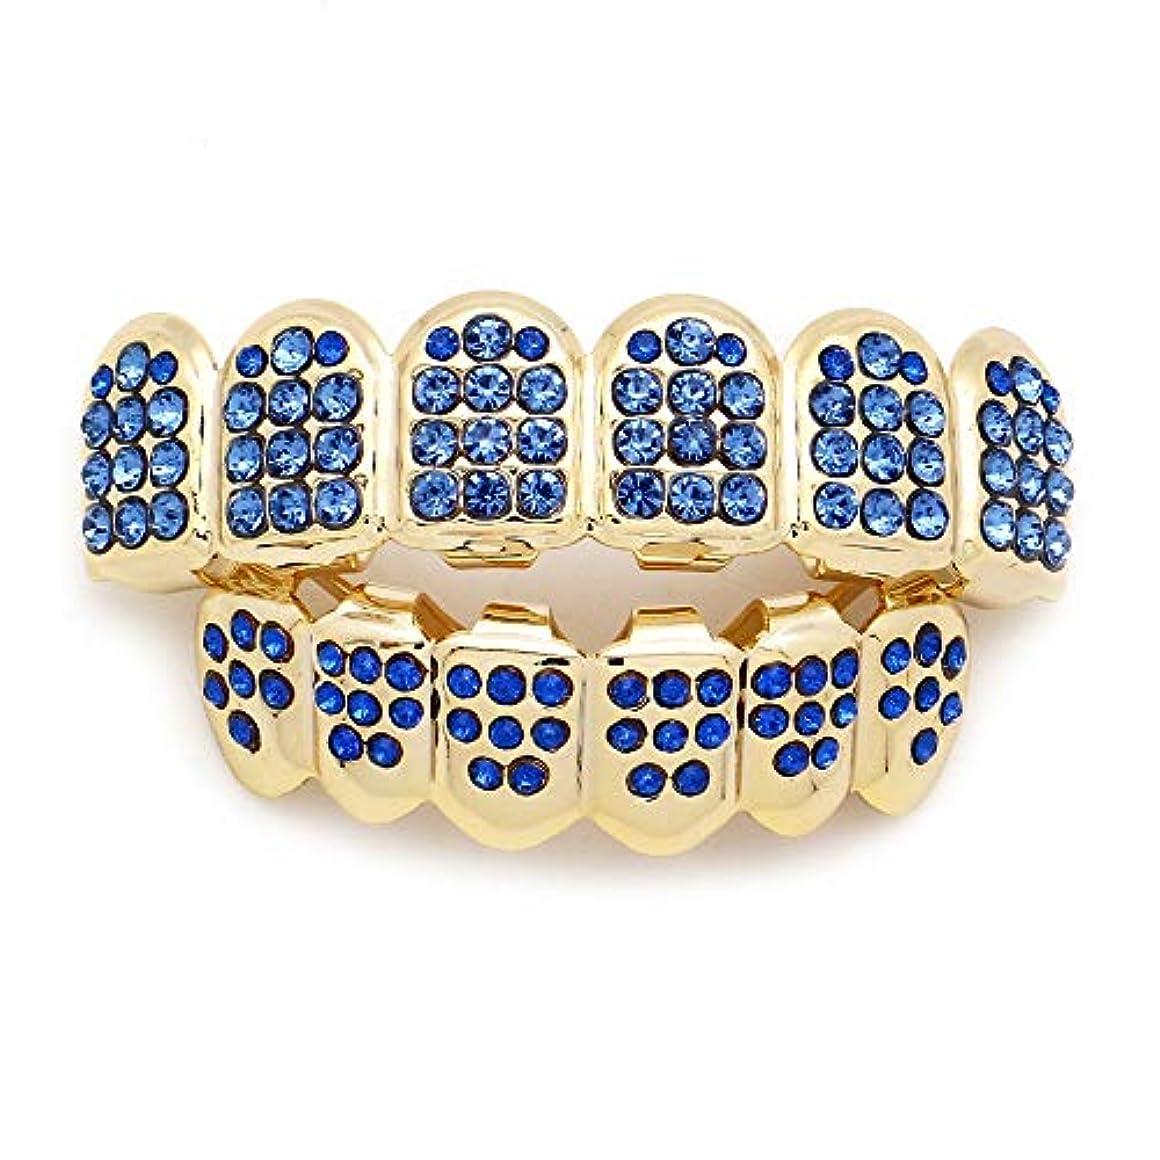 居間平等まろやかなダイヤモンドゴールドプレートHIPHOPティースキャップ、ヨーロッパ系アメリカ人INS最もホットなゴールド&ブラック&シルバー歯ブレース口の歯 (Color : Blue)